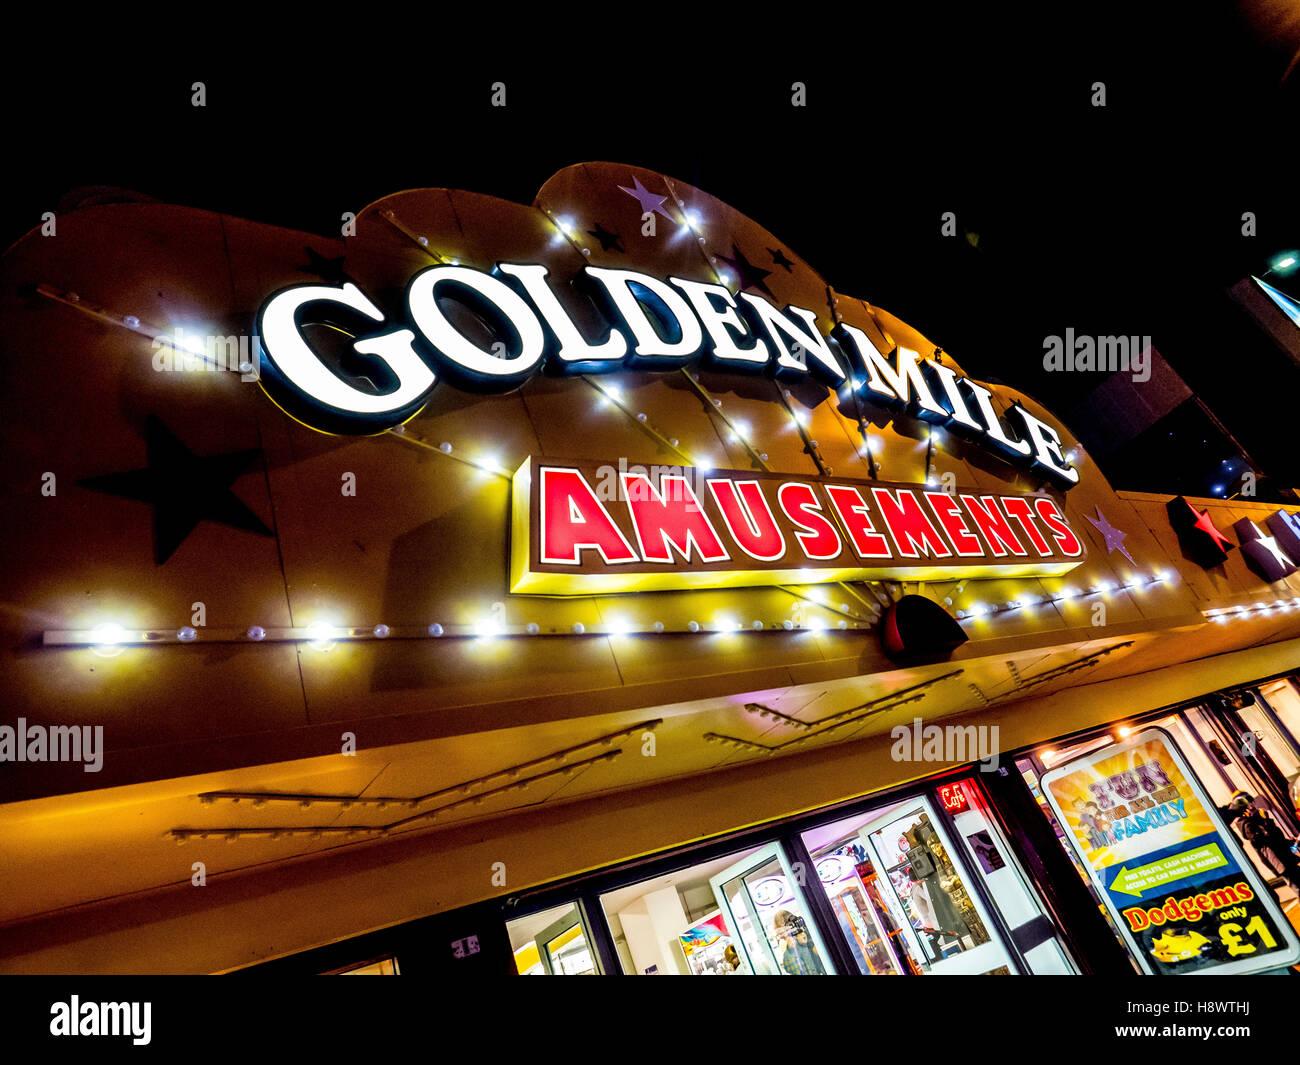 Golden Mile Amusements illuminated sign, Blackpool, Lancashire, UK. - Stock Image